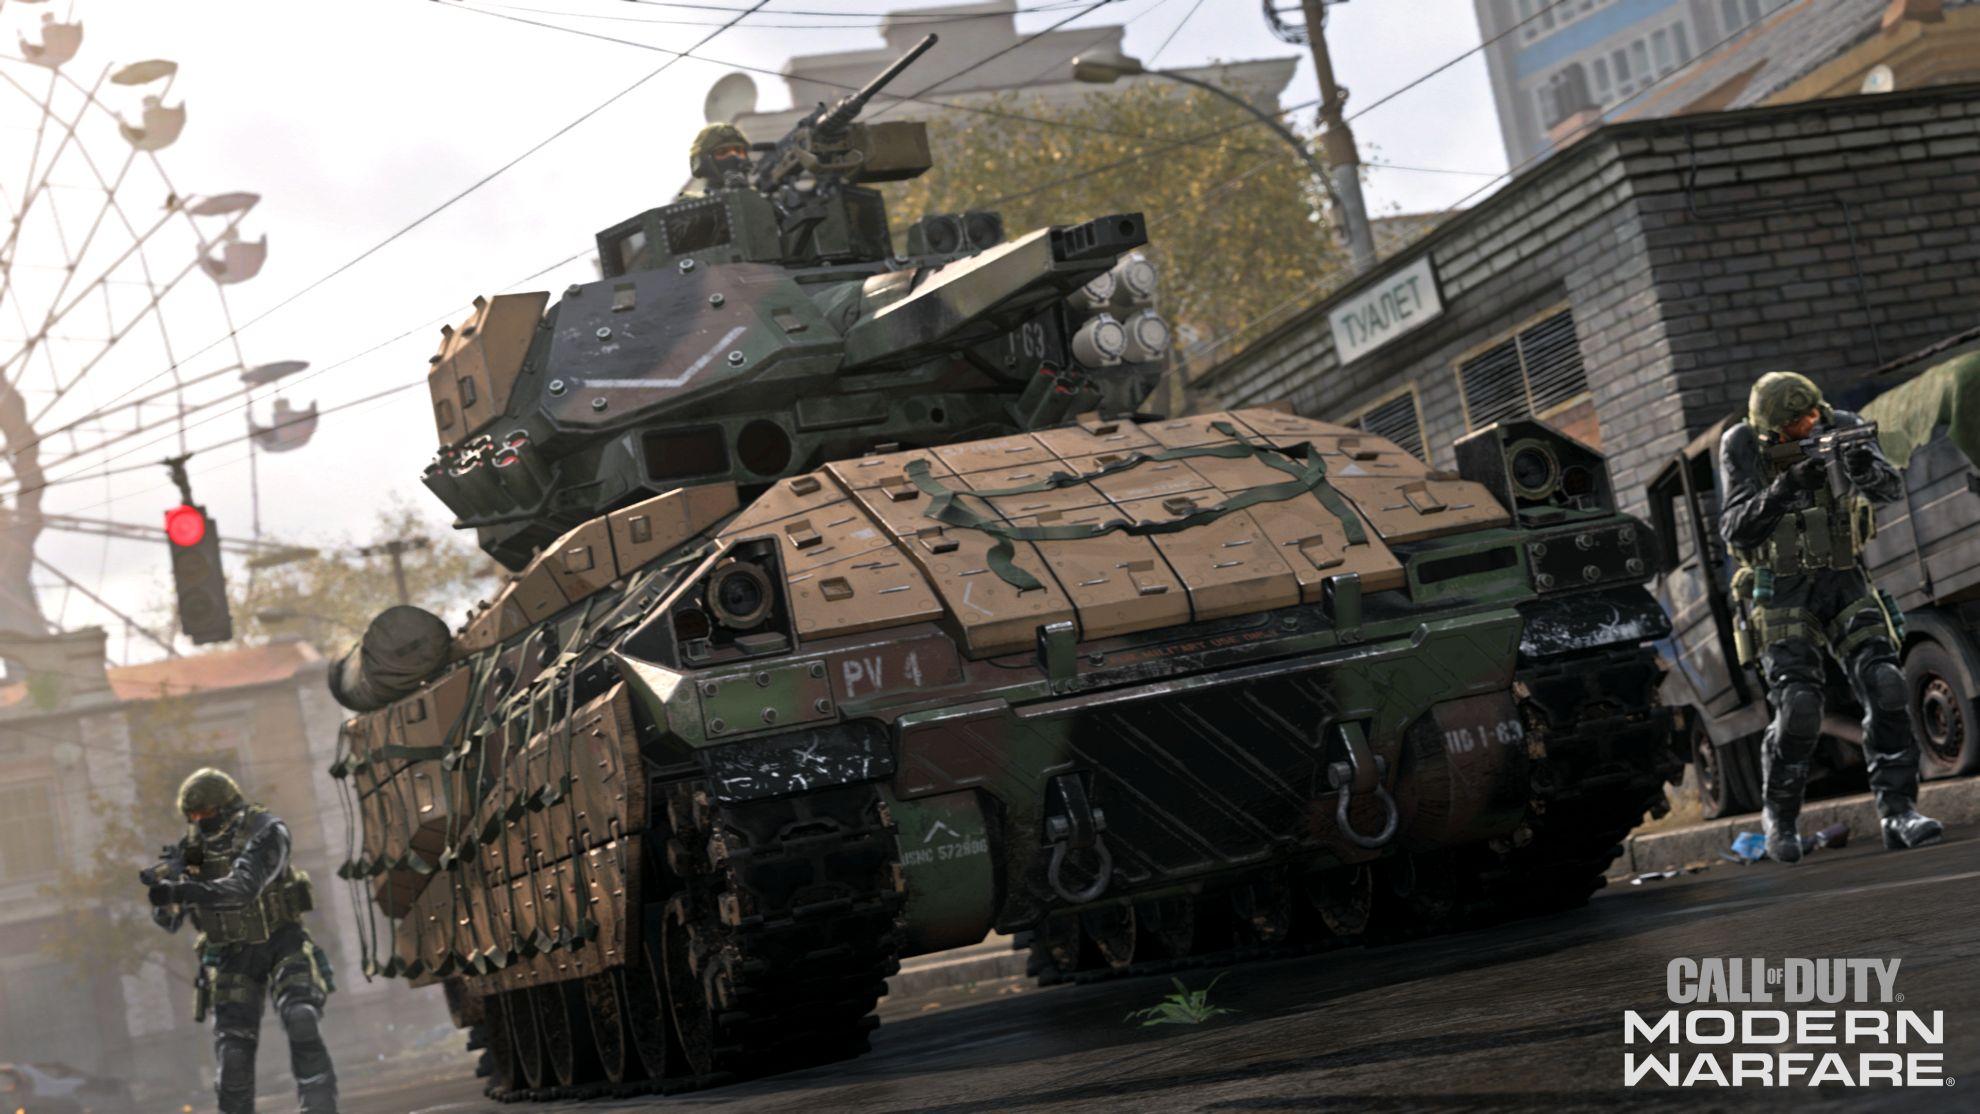 Call of Duty: Modern Warfare hat eine echte Chance, Battlefield-Fans zu beeinflussen, aber es muss sich über die Erwartungen der eigenen Community hinausentwickeln 1